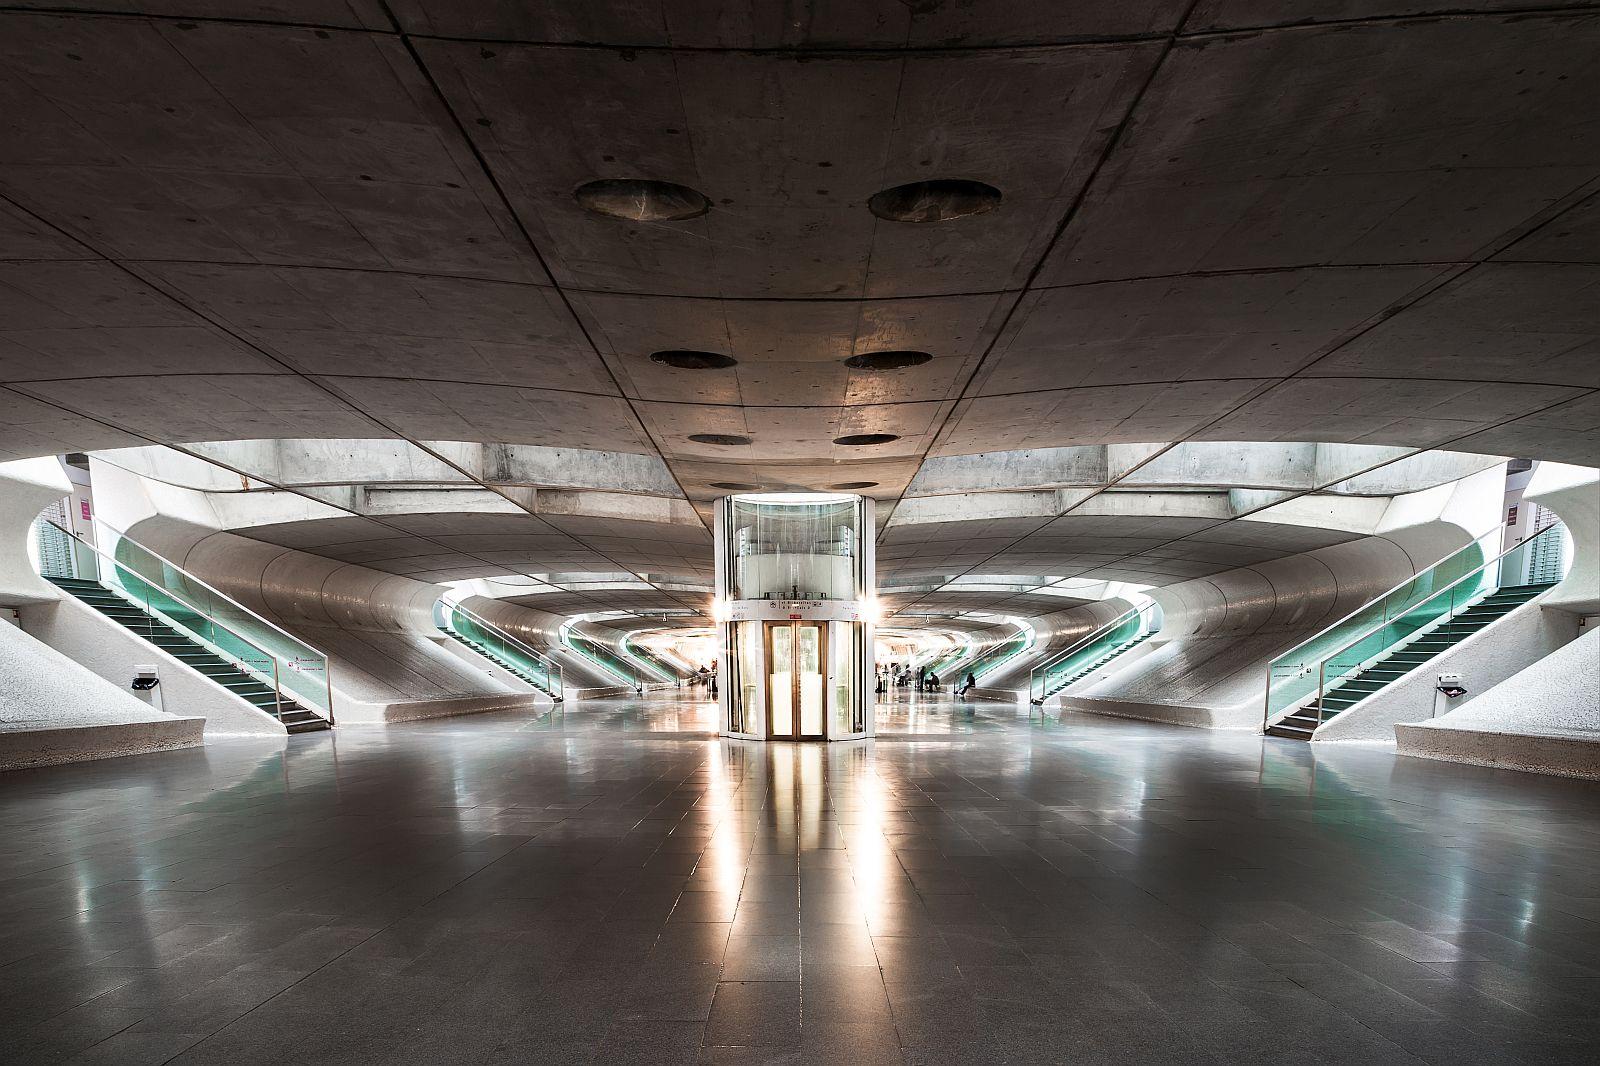 «Загородная симметрия». Первое место в номинации «Architecture Other». Фото: Thorben Kremers